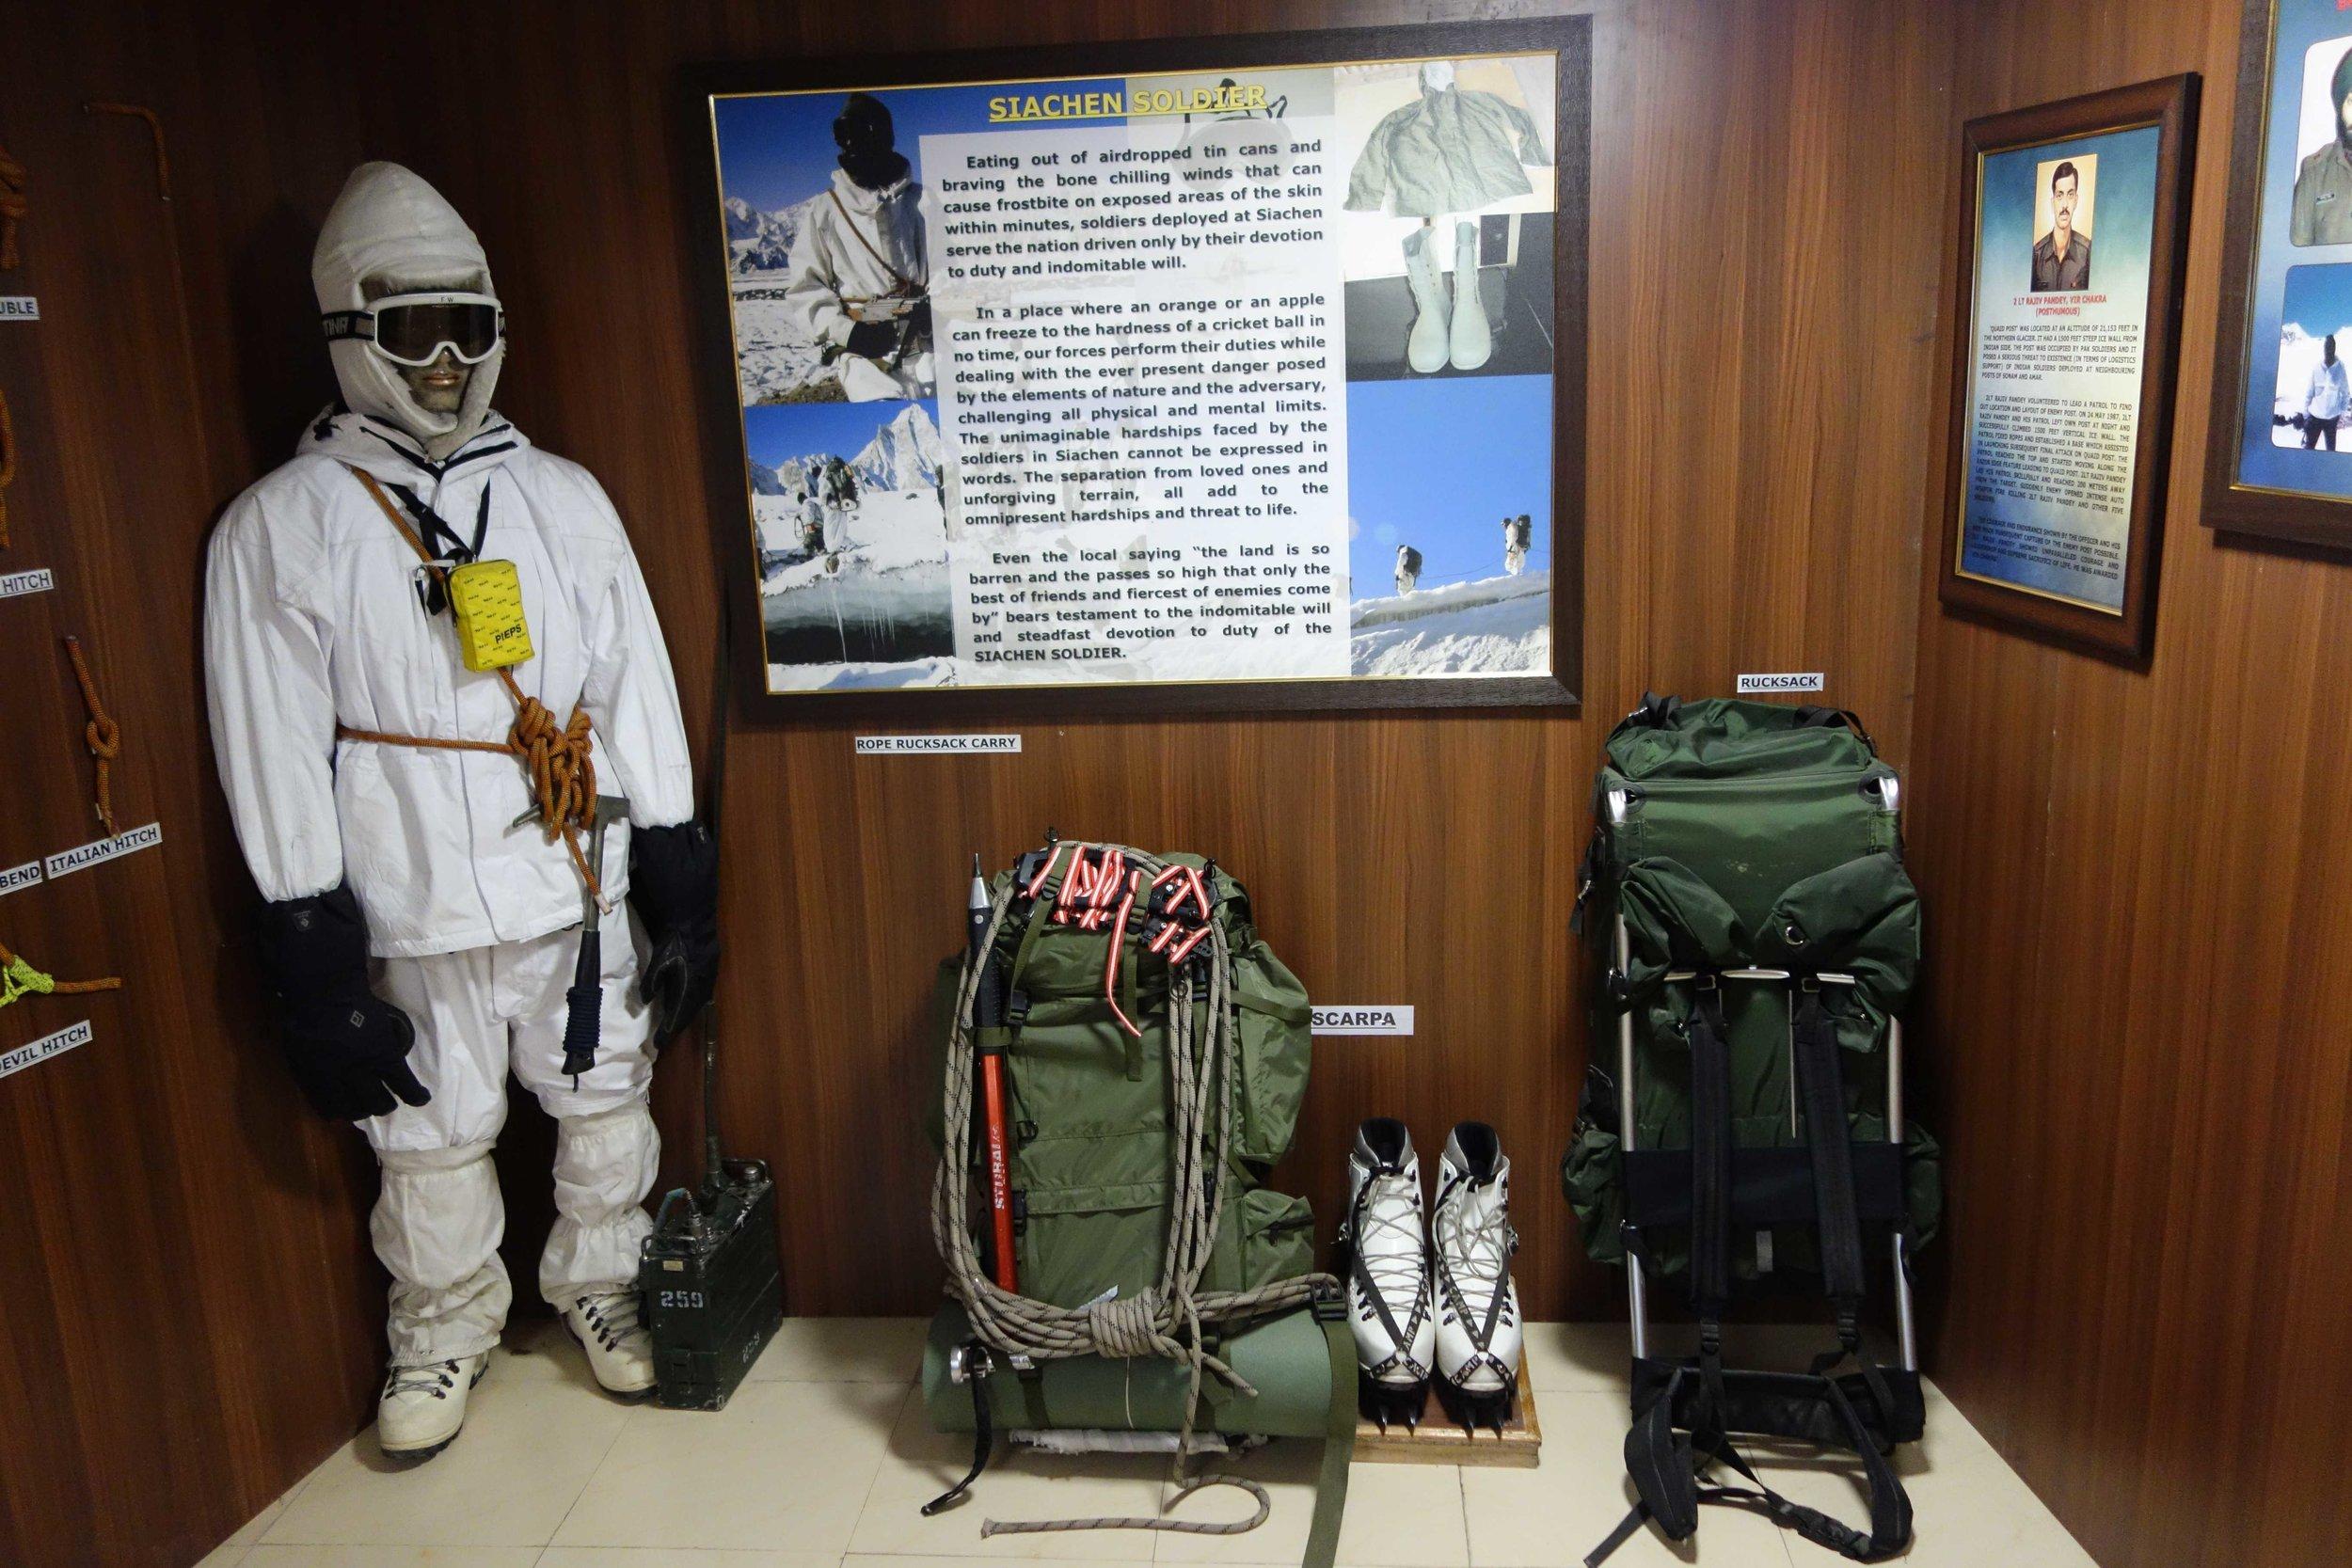 A Siachen Soldier's full Gear